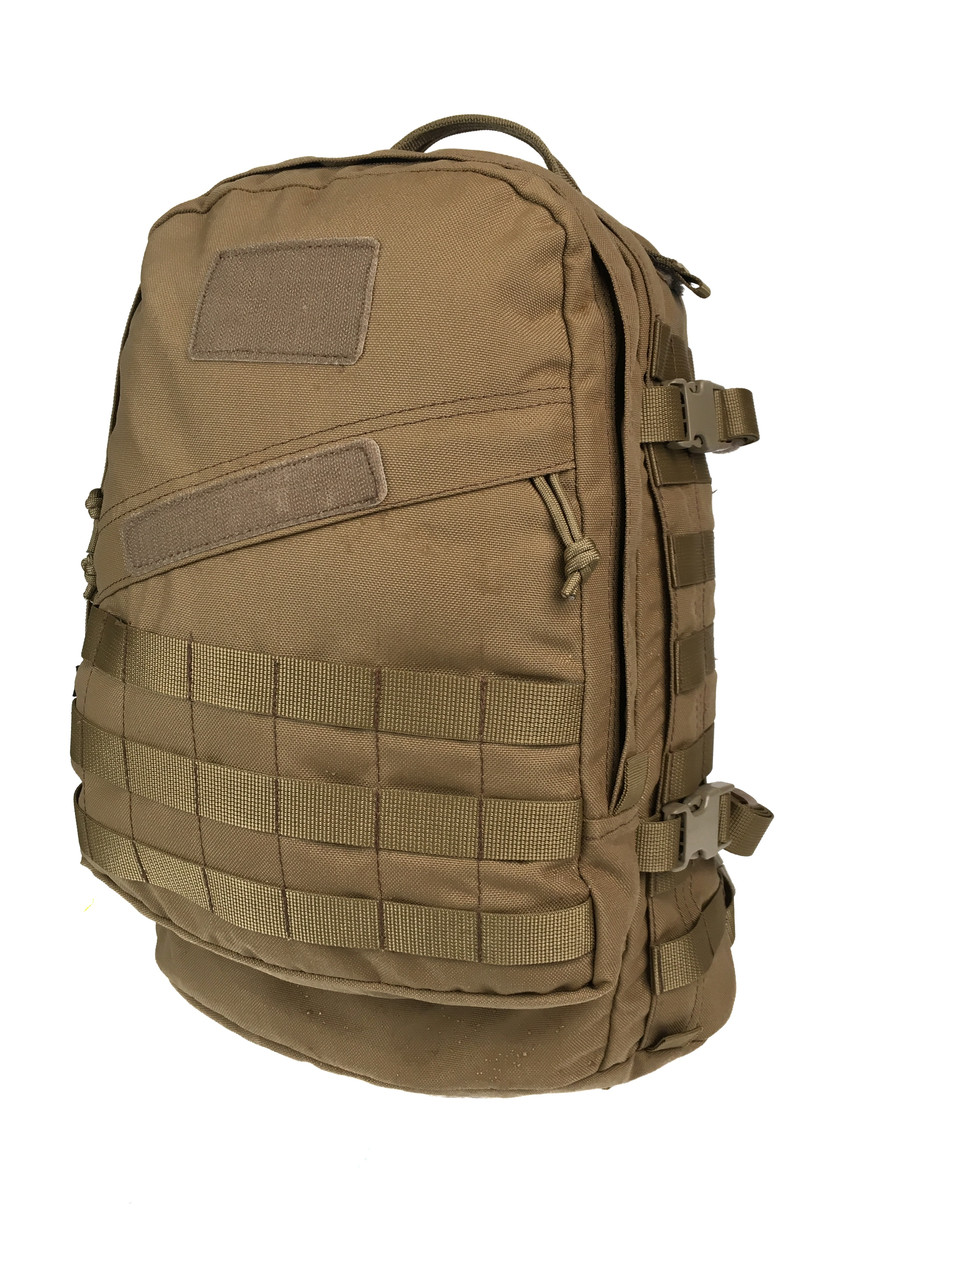 Рюкзак тактический М4-Т койот